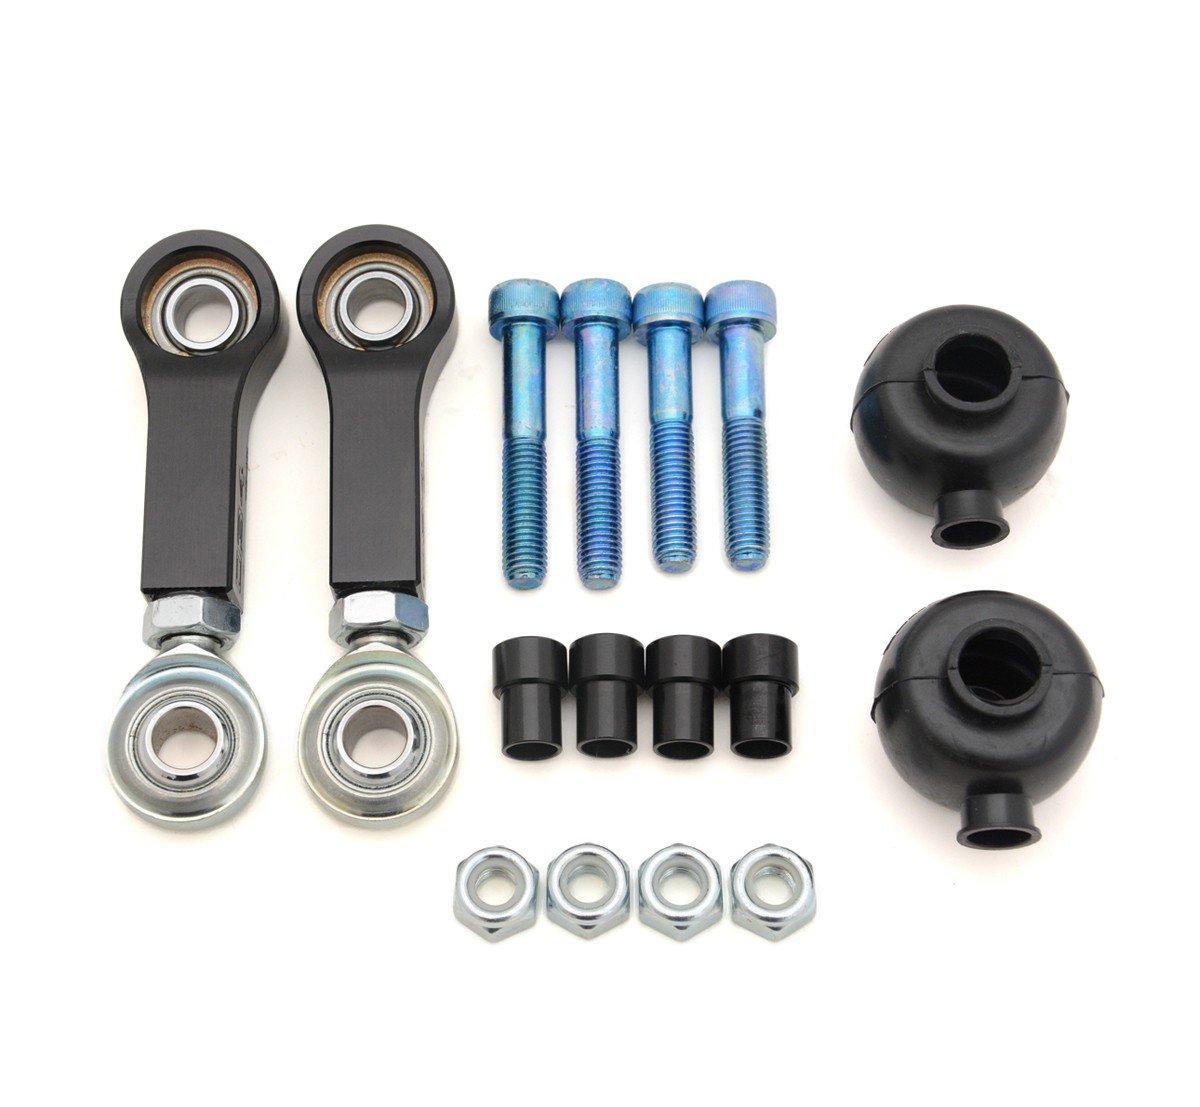 034Motorsport 034-402-4001 - Eslabones de barra de escalera, para motocicleta, trasero, ajustable, 8P y 8JAudiTT/A3, MKV y MKVI Volkswagen Jetta GTI R32: Amazon.es: Coche y moto